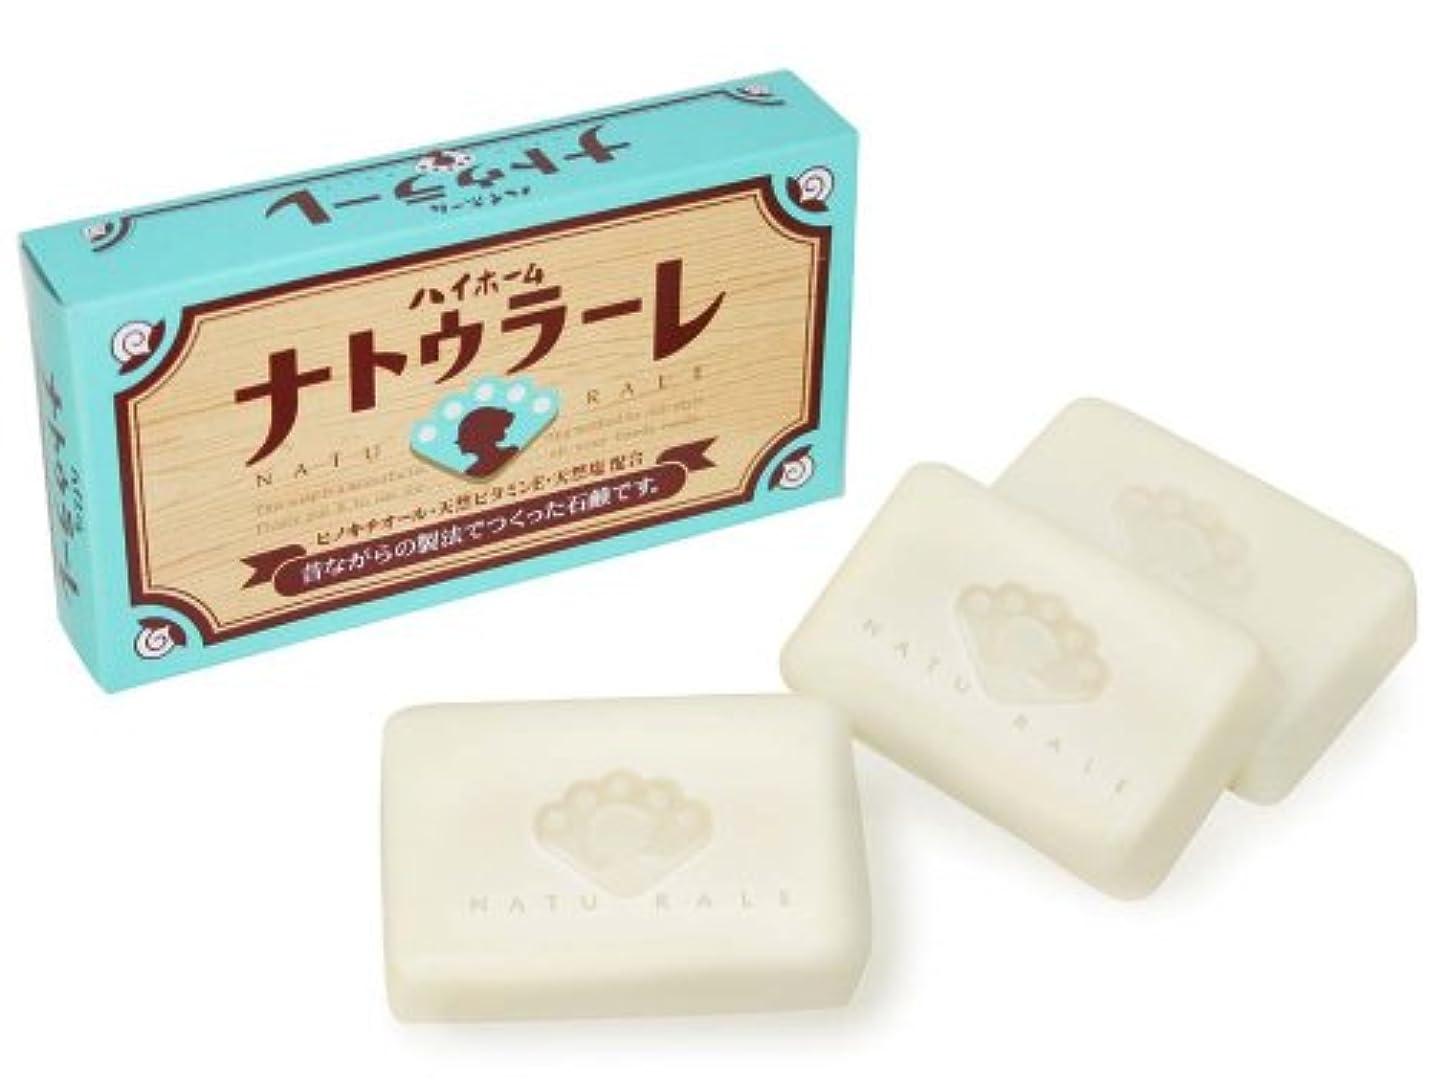 フレームワーク下品打撃昔ながらの製法で作られた化粧石鹸 ハイホーム ナトゥラーレ 3個入り (天然ビタミンE配合)